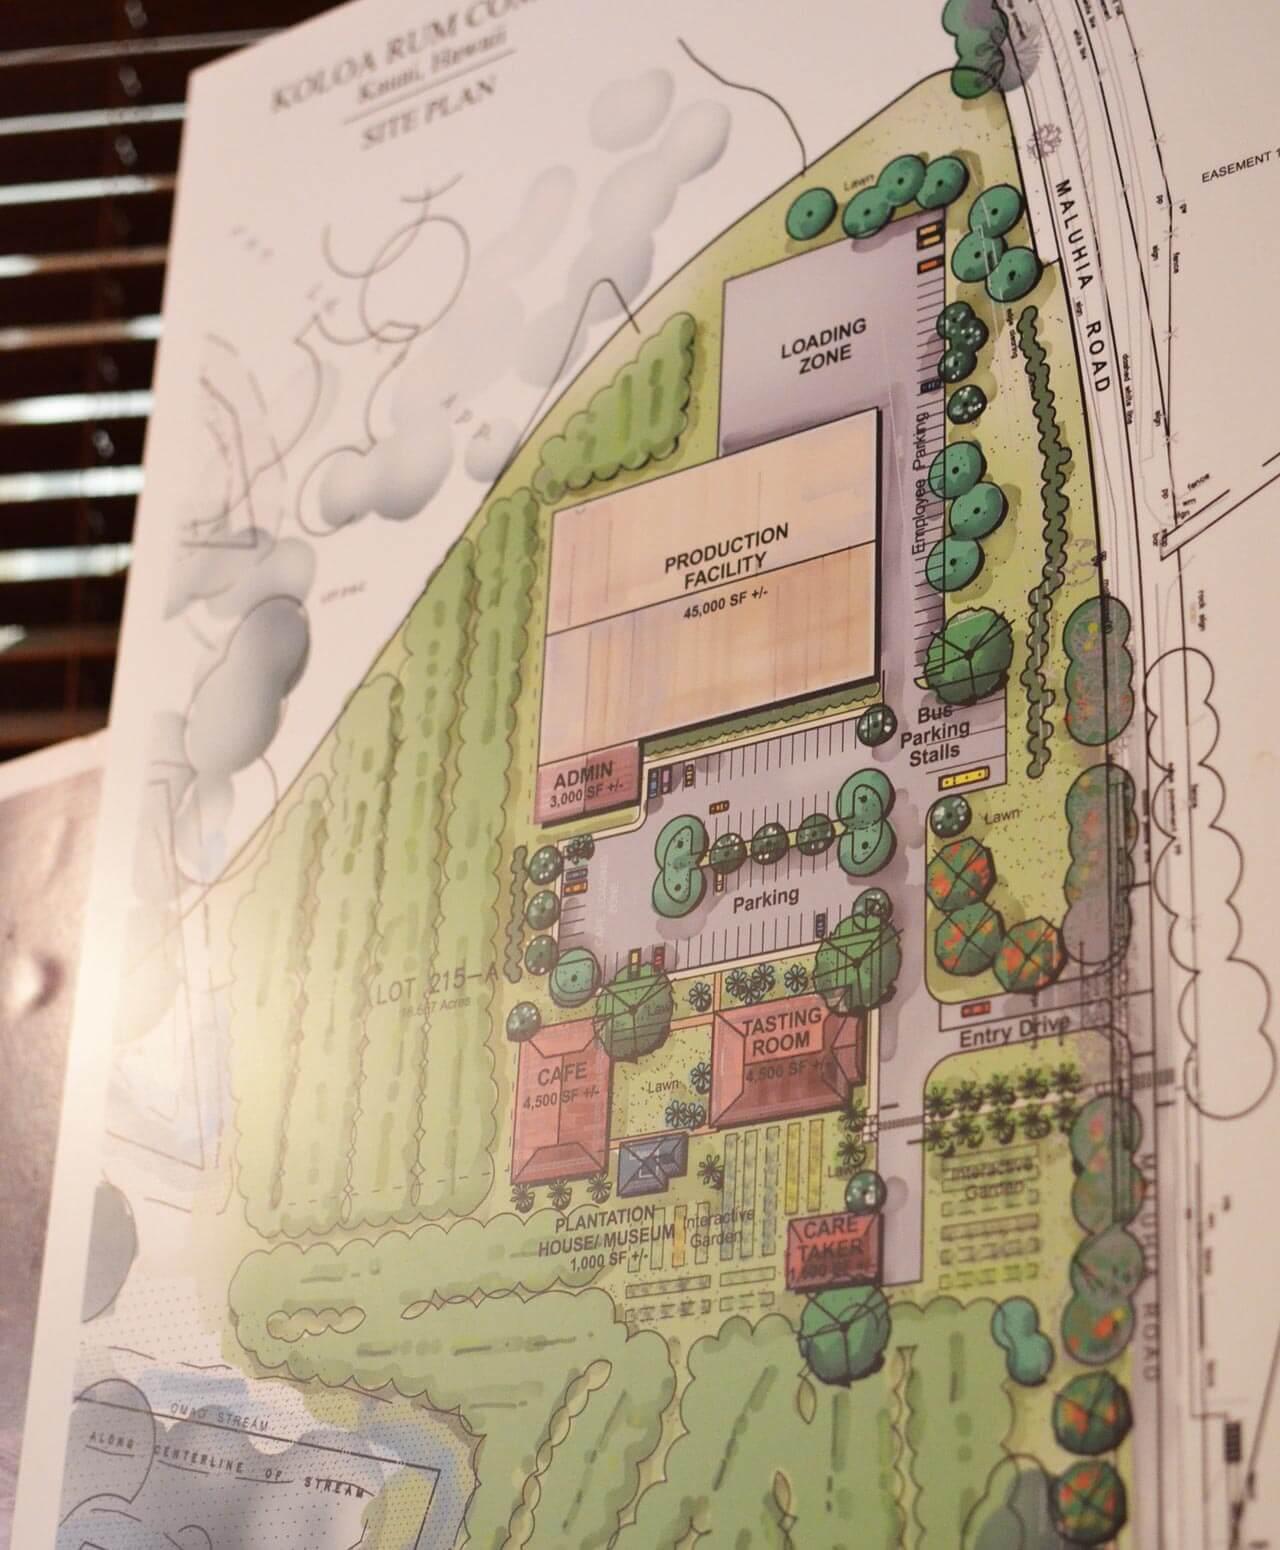 ラム酒で見る夢カウアイ島コロアラムの新・蒸留所計画とは?